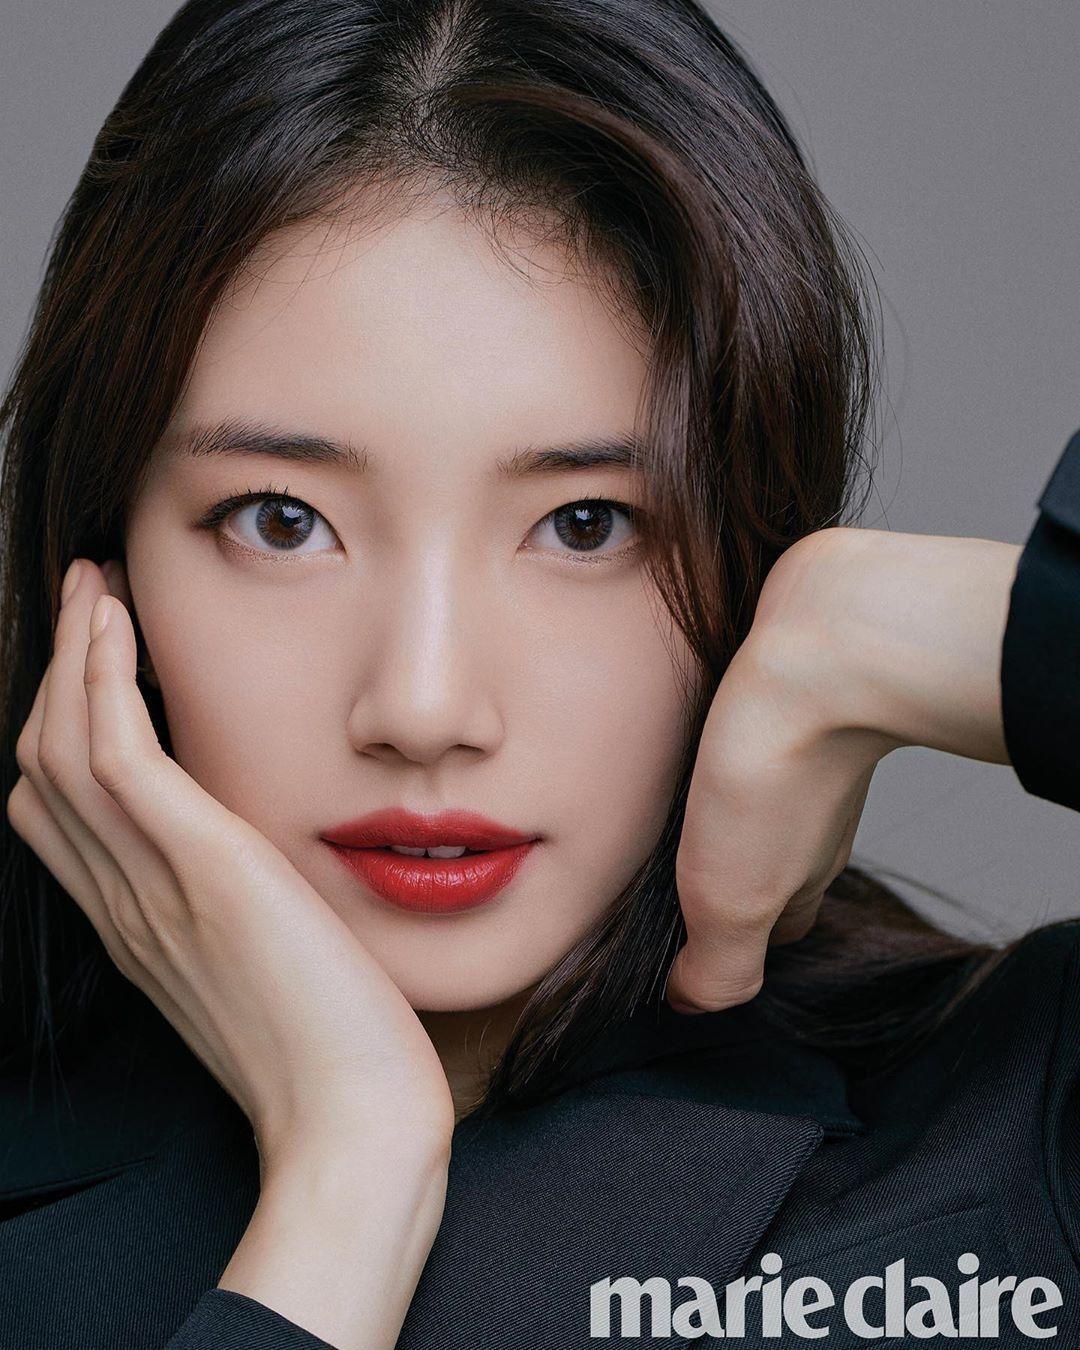 Top 6 cô gái sở hữu khuôn mặt đẹp hoàn hảo trong mắt chuyên gia thẩm mỹ: Số 5 thật khó tin ảnh 4